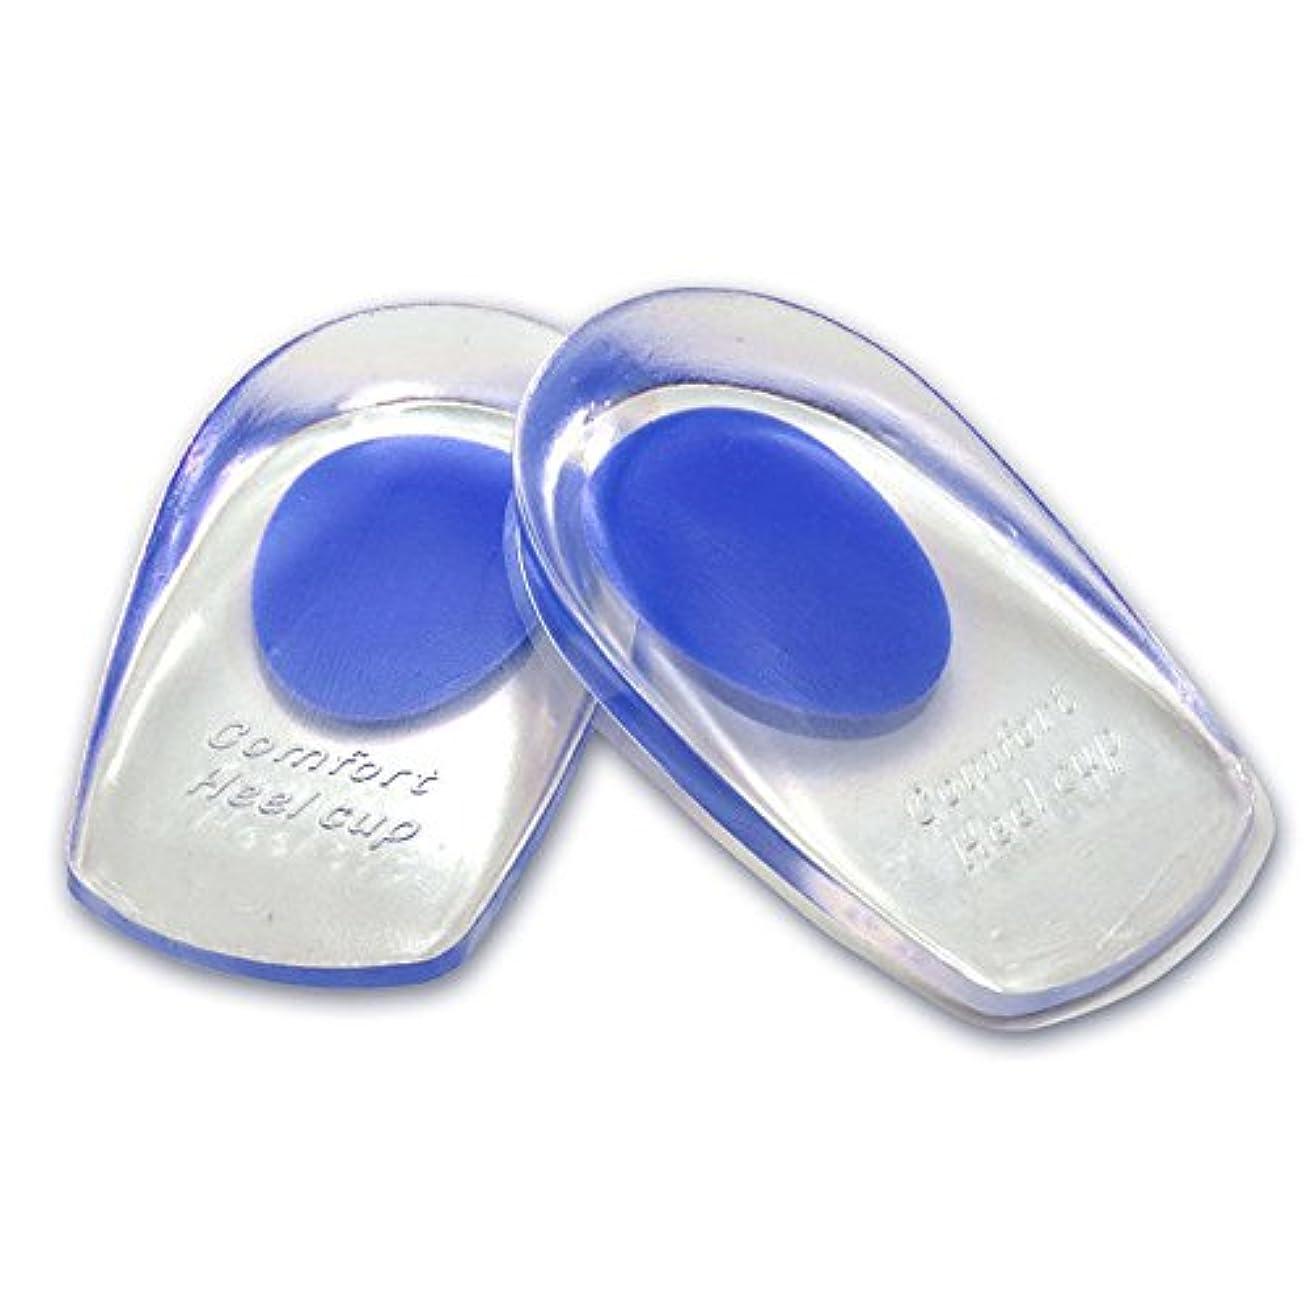 すごい甘美な委員長シリコンヒールカップ かかとの痛み防止に ソフトシリコン製 インソールクッション 衝撃緩和 立体形状 フィット感抜群 FMTMXCA2S (ブルー(靴サイズ24.5~27.5cm用))